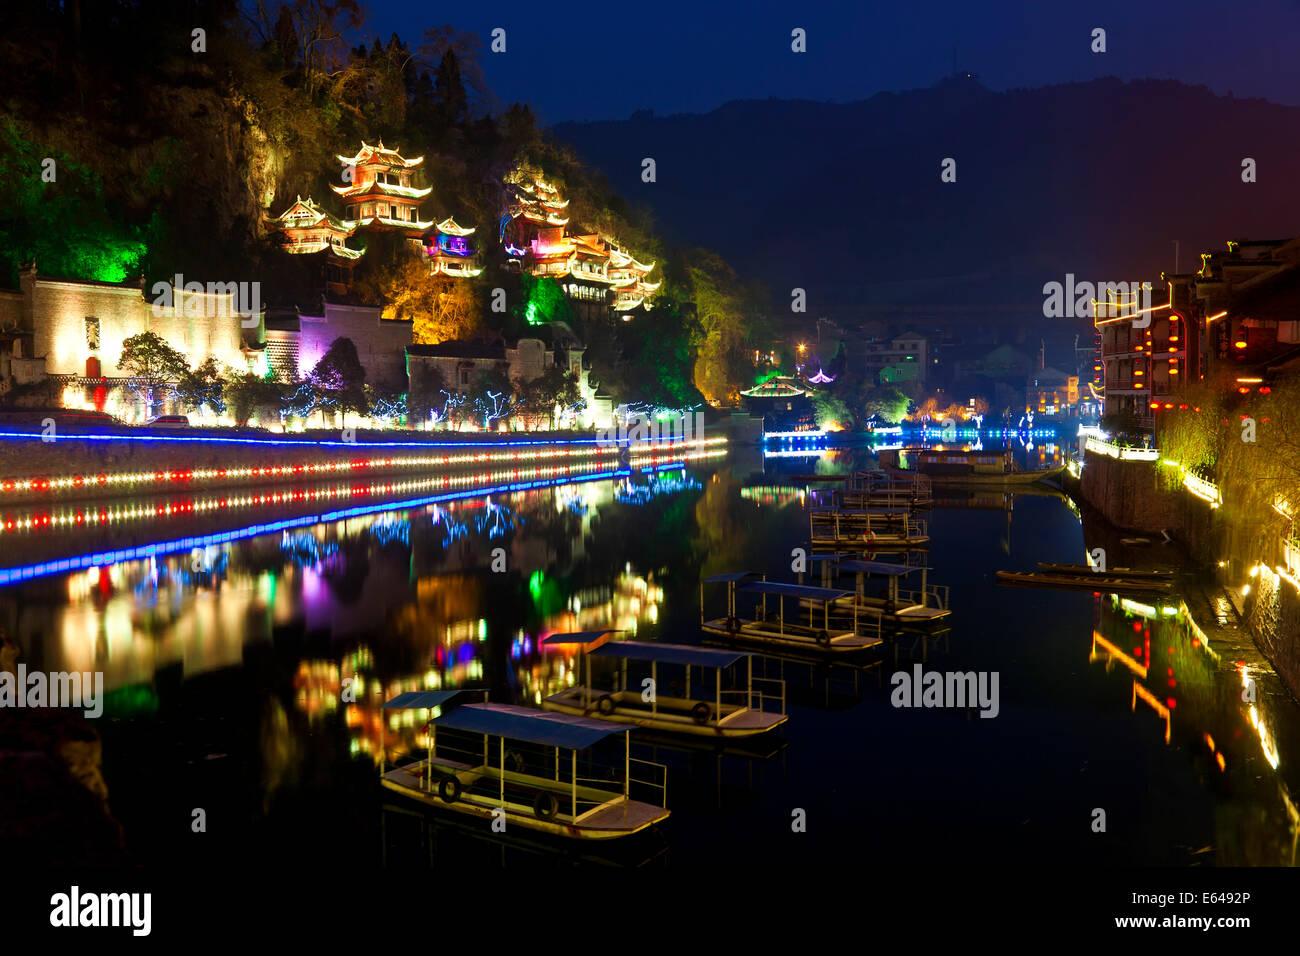 Zhenyuan accesa al crepuscolo, Zhenyuan, Guizhou, Cina Immagini Stock